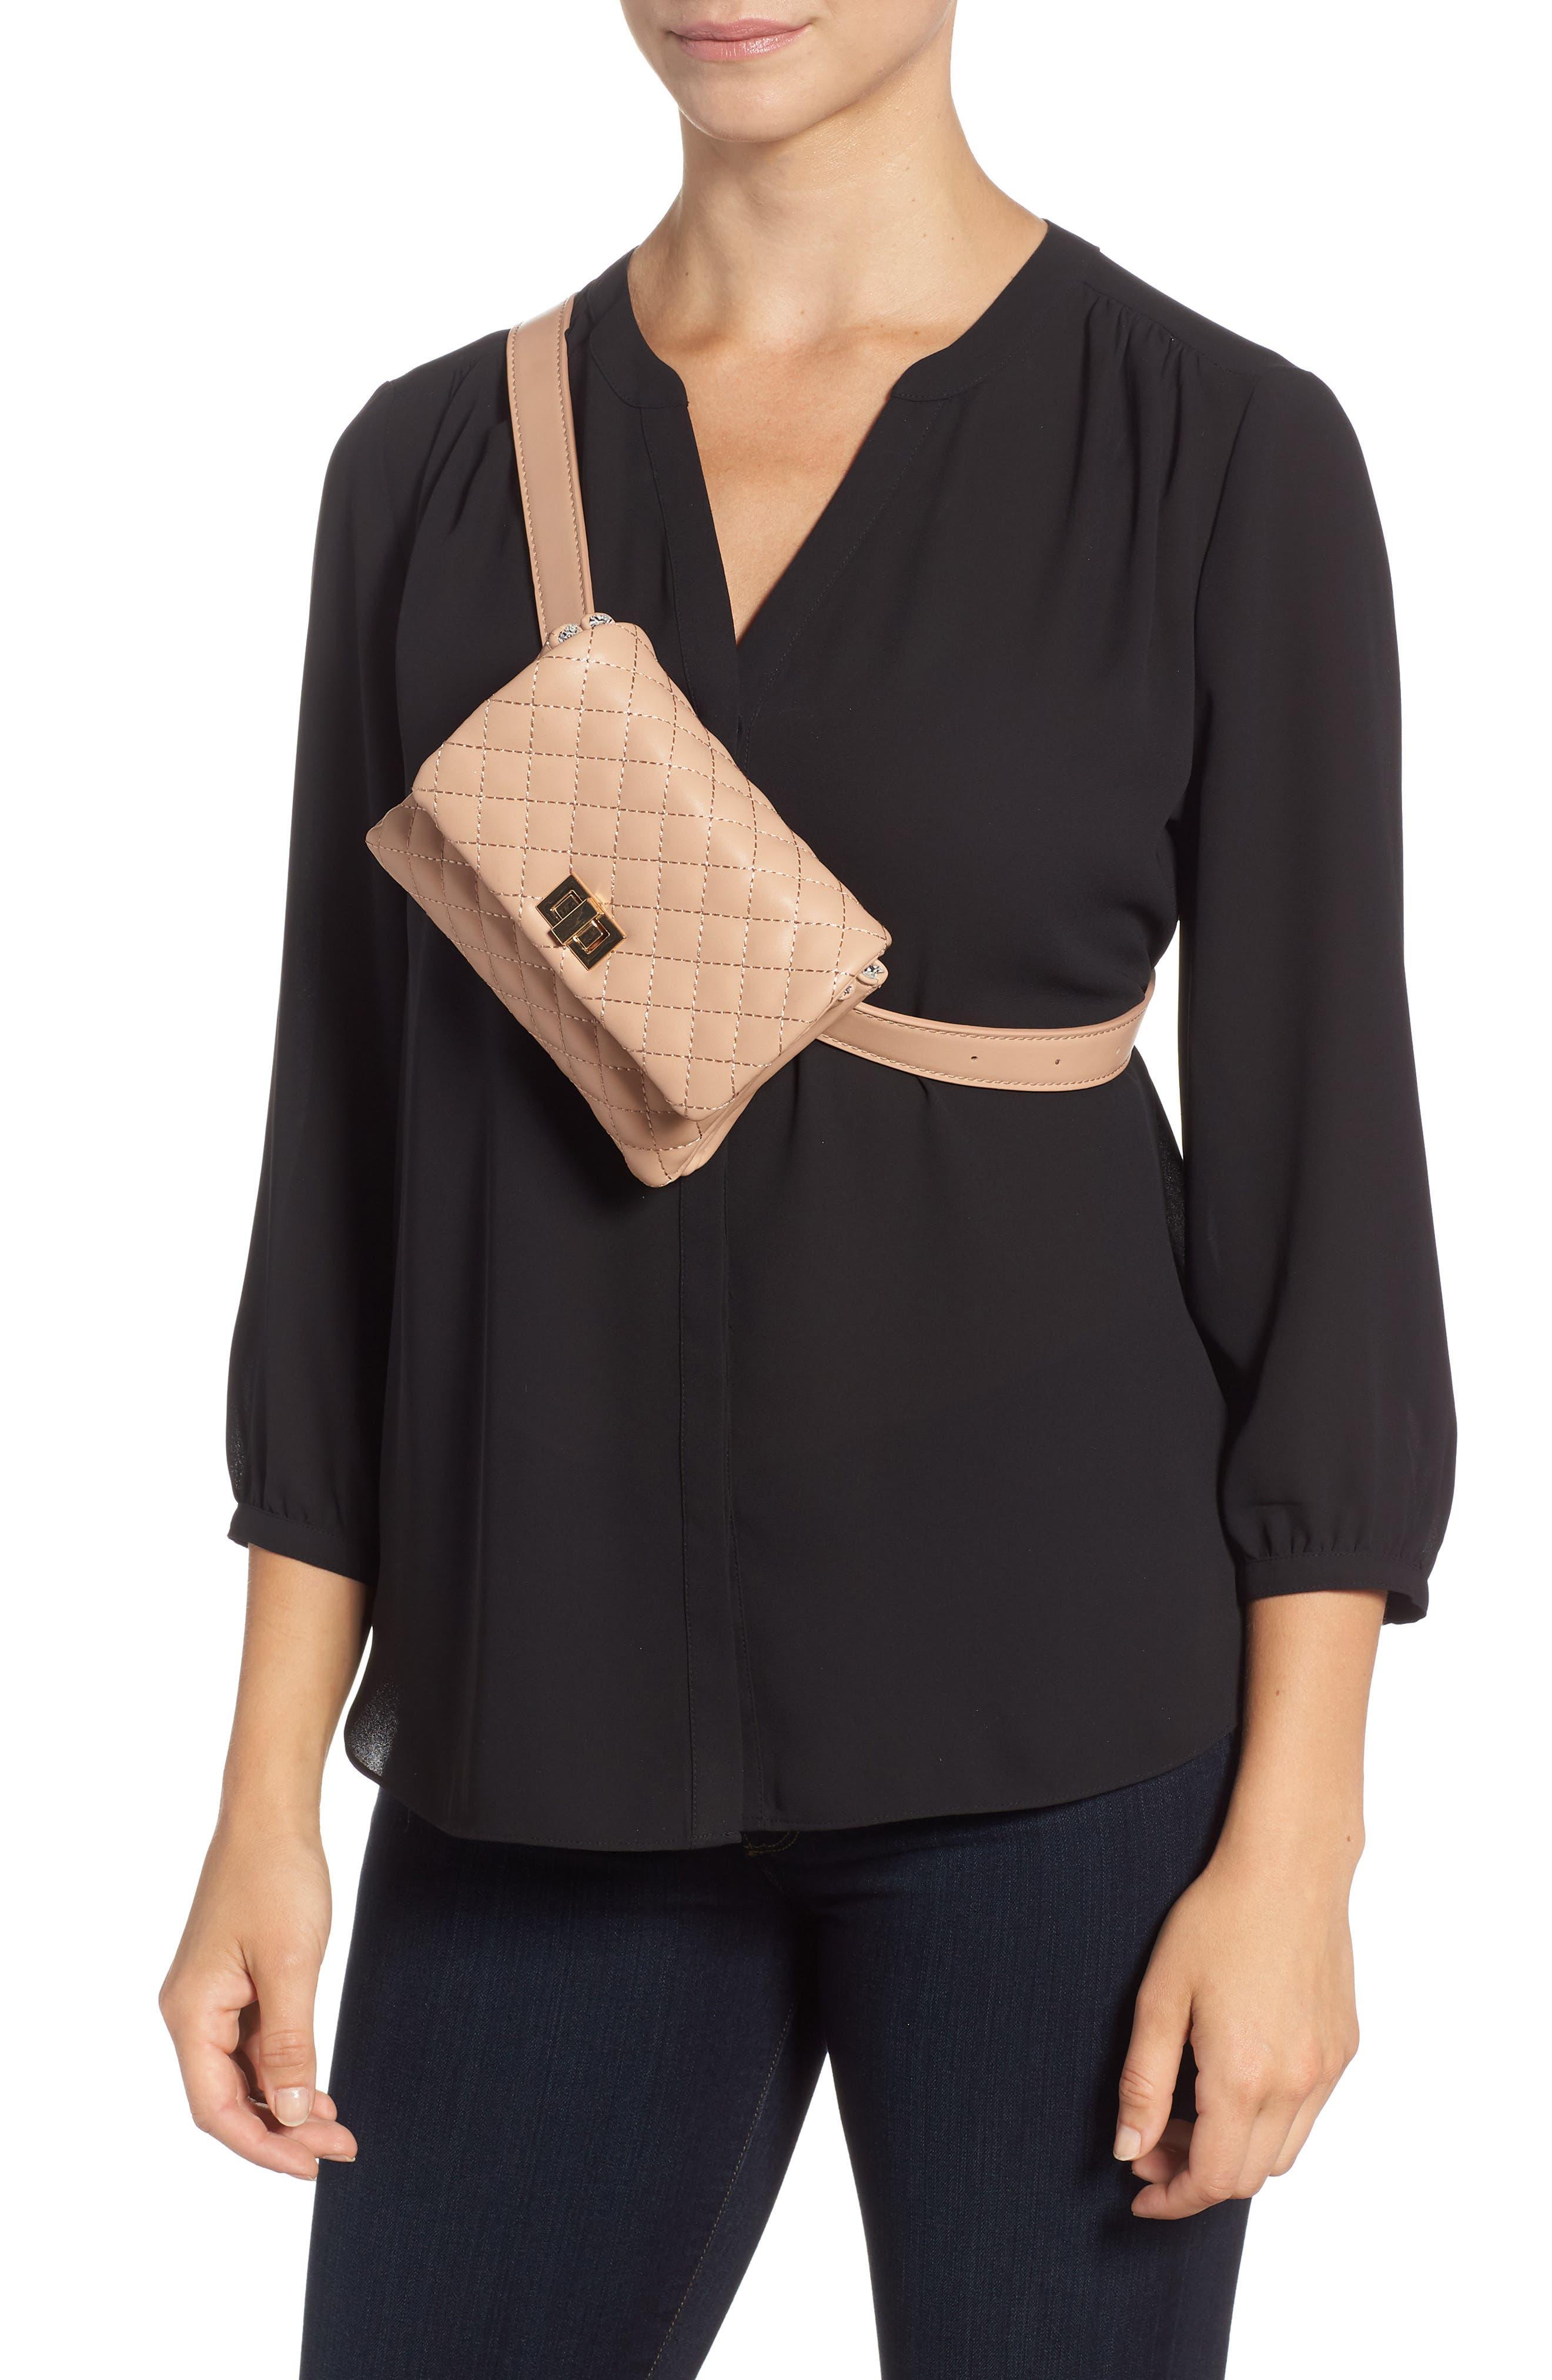 Mali + Lili Quilted Vegan Leather Belt Bag,                             Alternate thumbnail 3, color,                             CAMEL